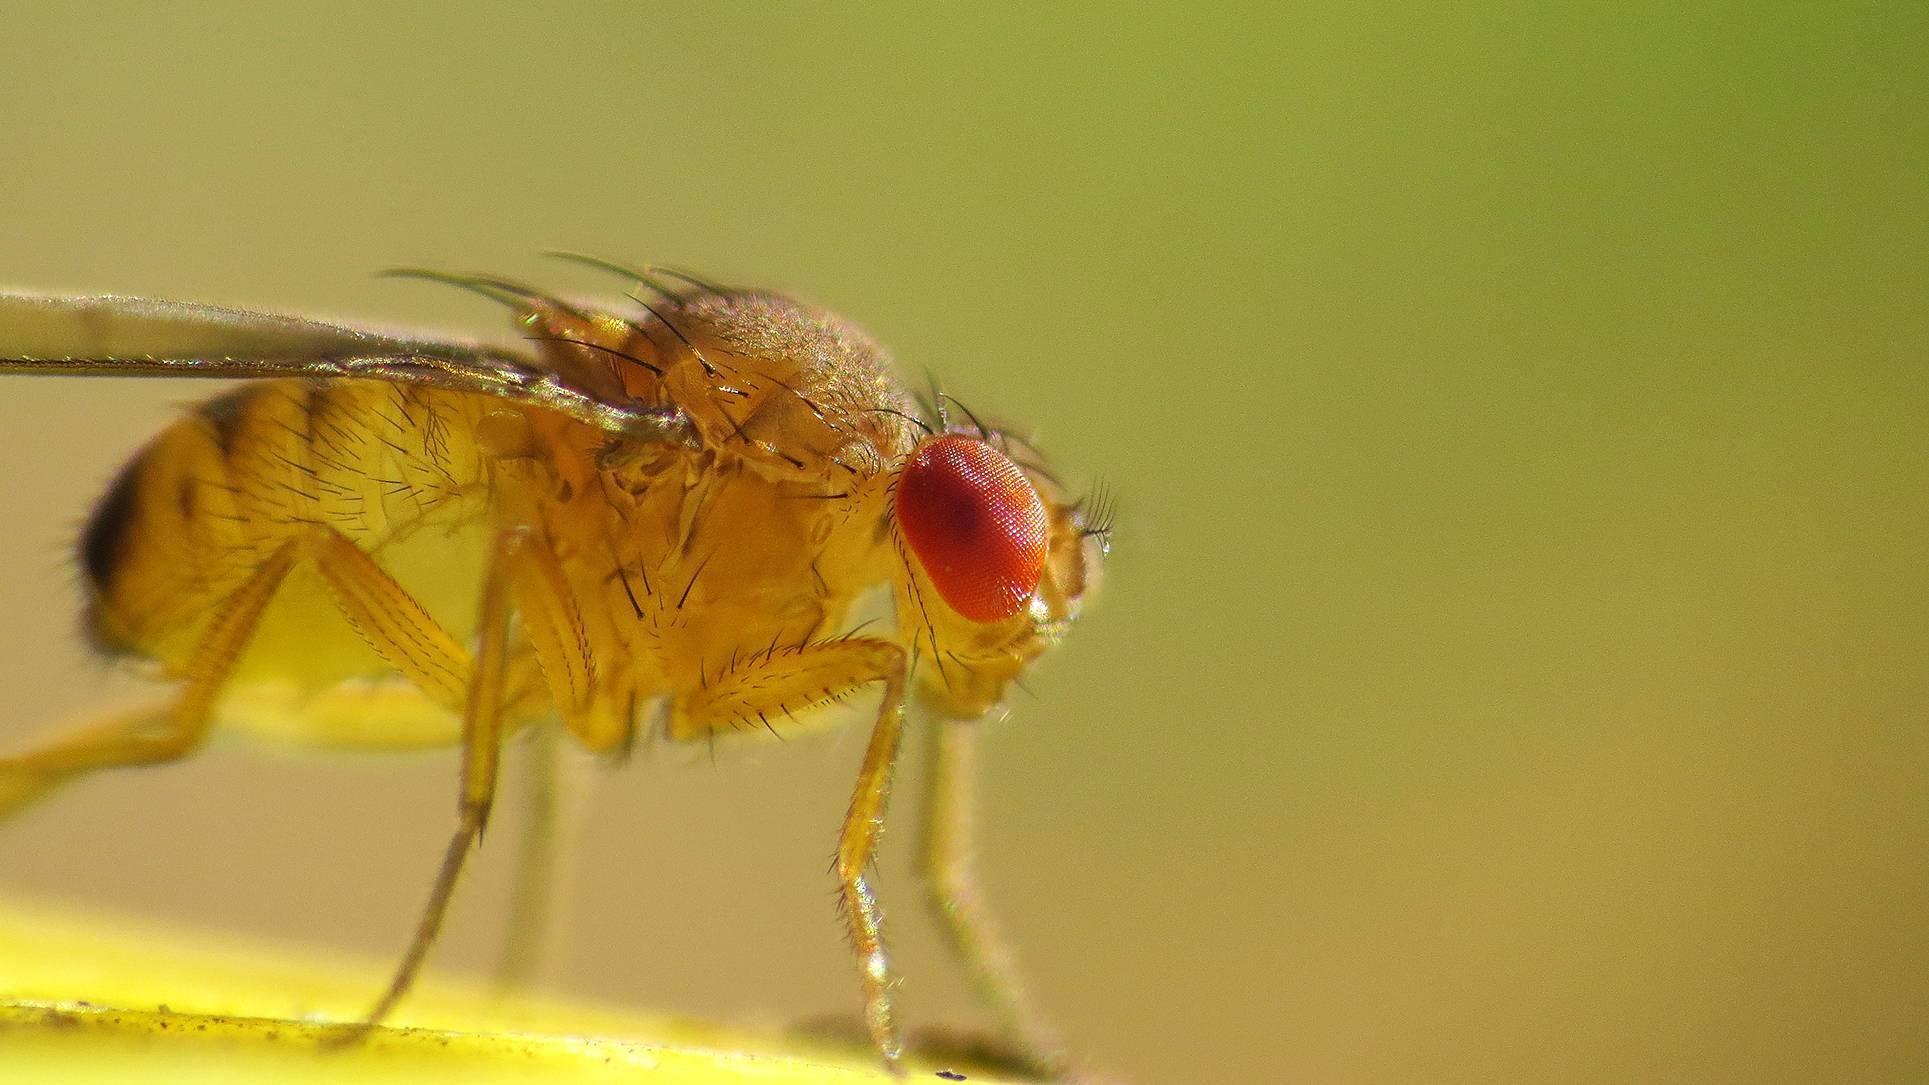 Дрозофилы: как выглядят, фото, как избавиться от этих мух в квартире, откуда они появляются, сколько живут